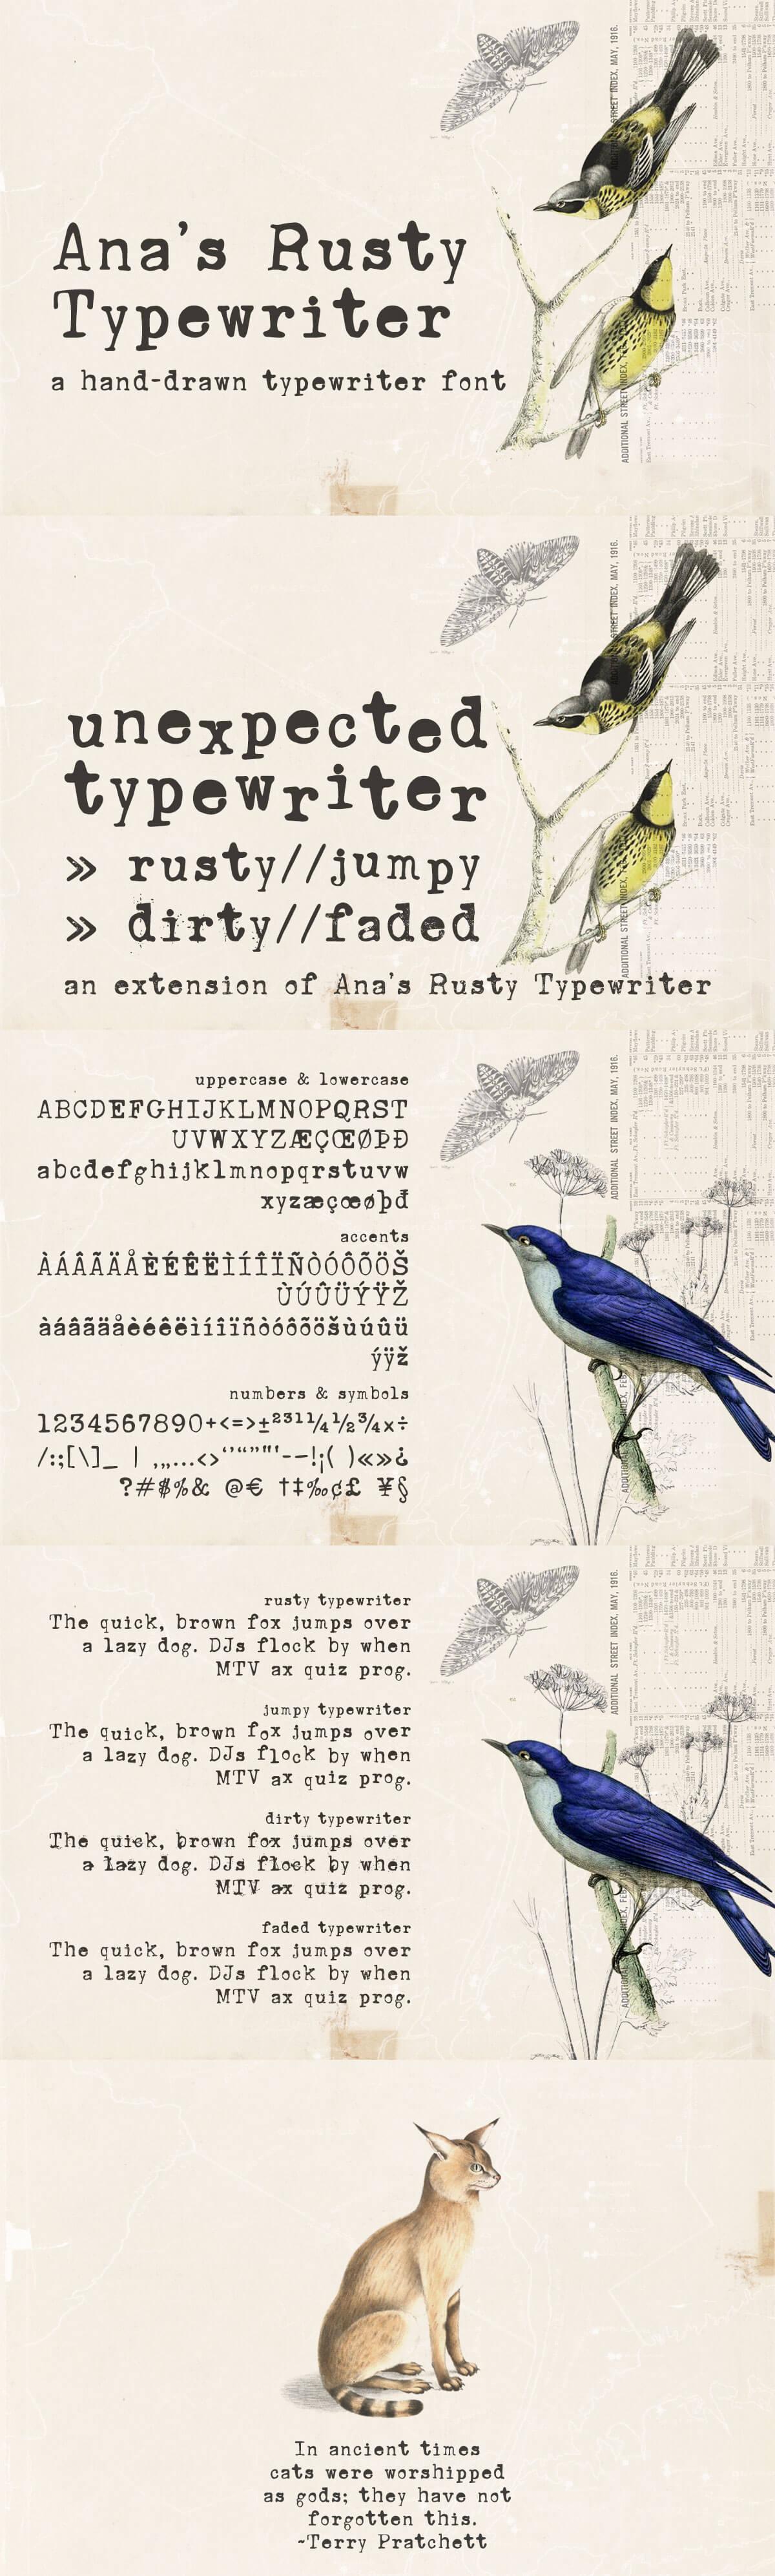 Free Anas Rusty Typewriter Font